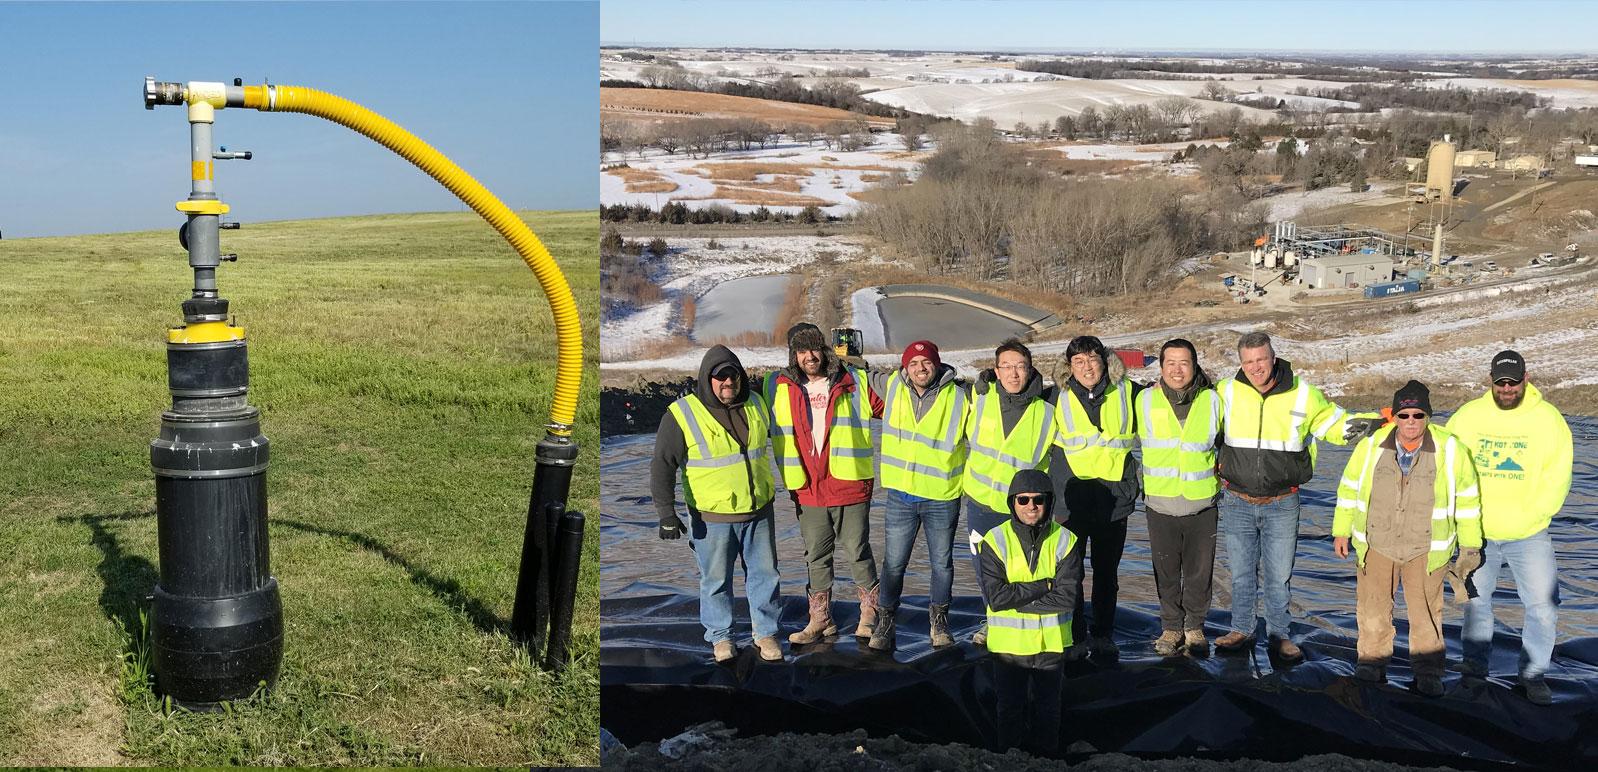 Landfill Gas Monitoring at an Operating Landfill